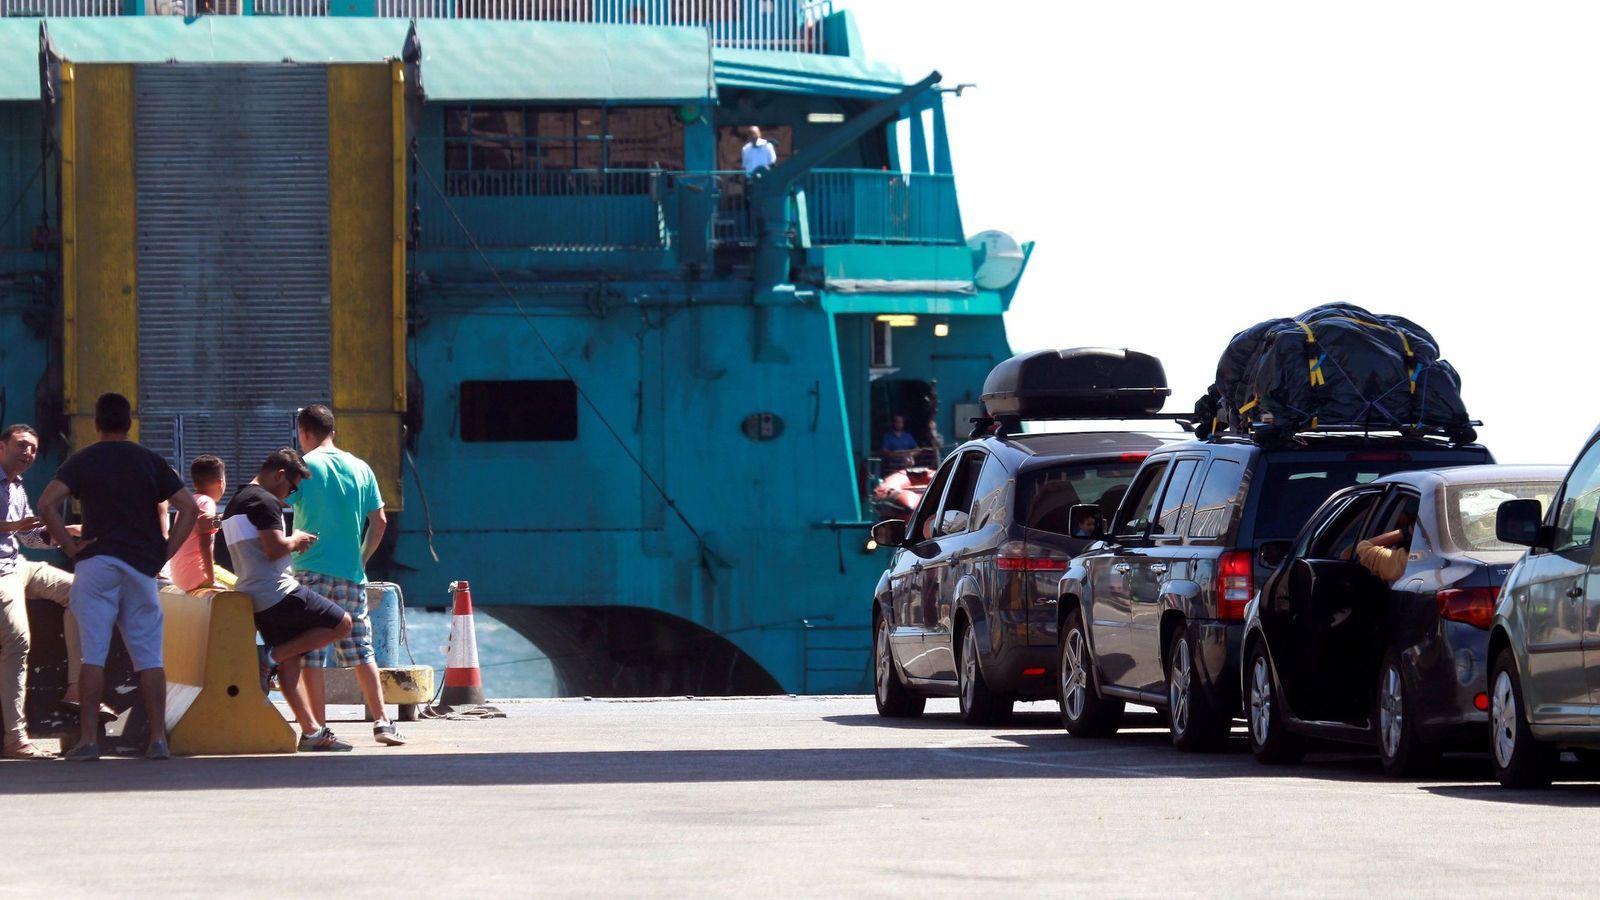 Noticias De Marruecos El Gobierno Respira Aliviado Tras Renunciar Marruecos A La Operación Paso Del Estrecho